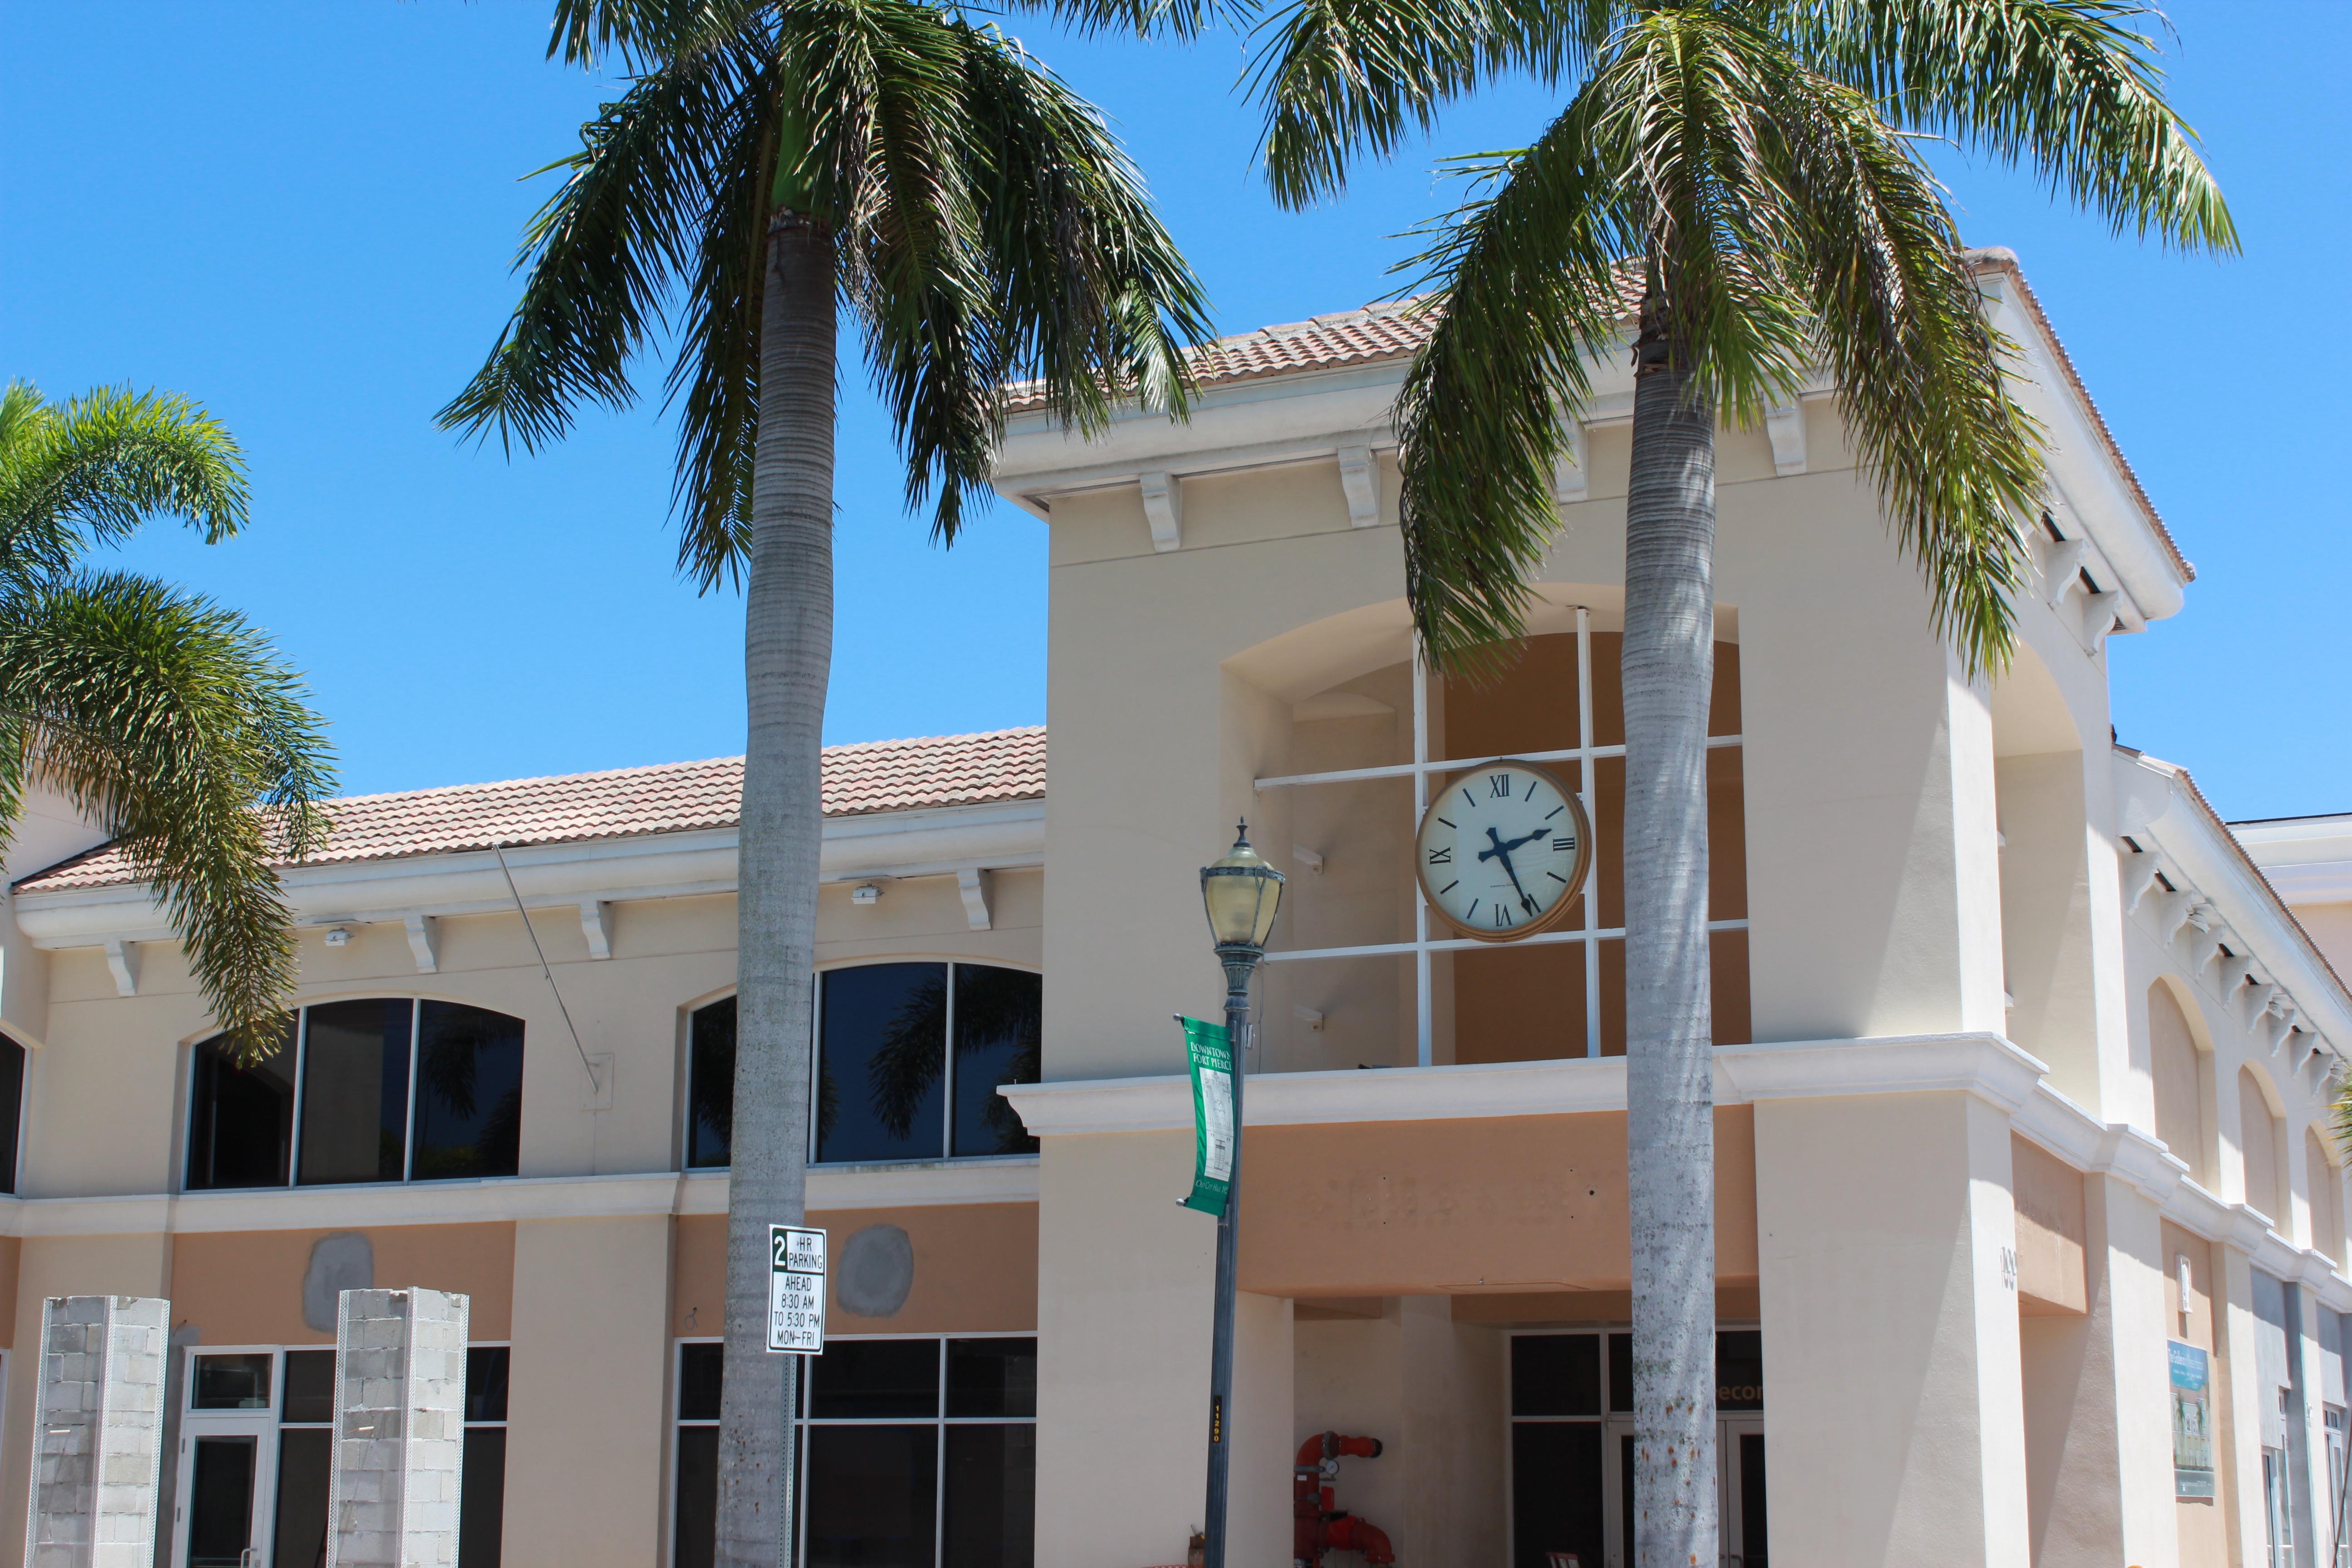 Galleria of Pierce Harbor